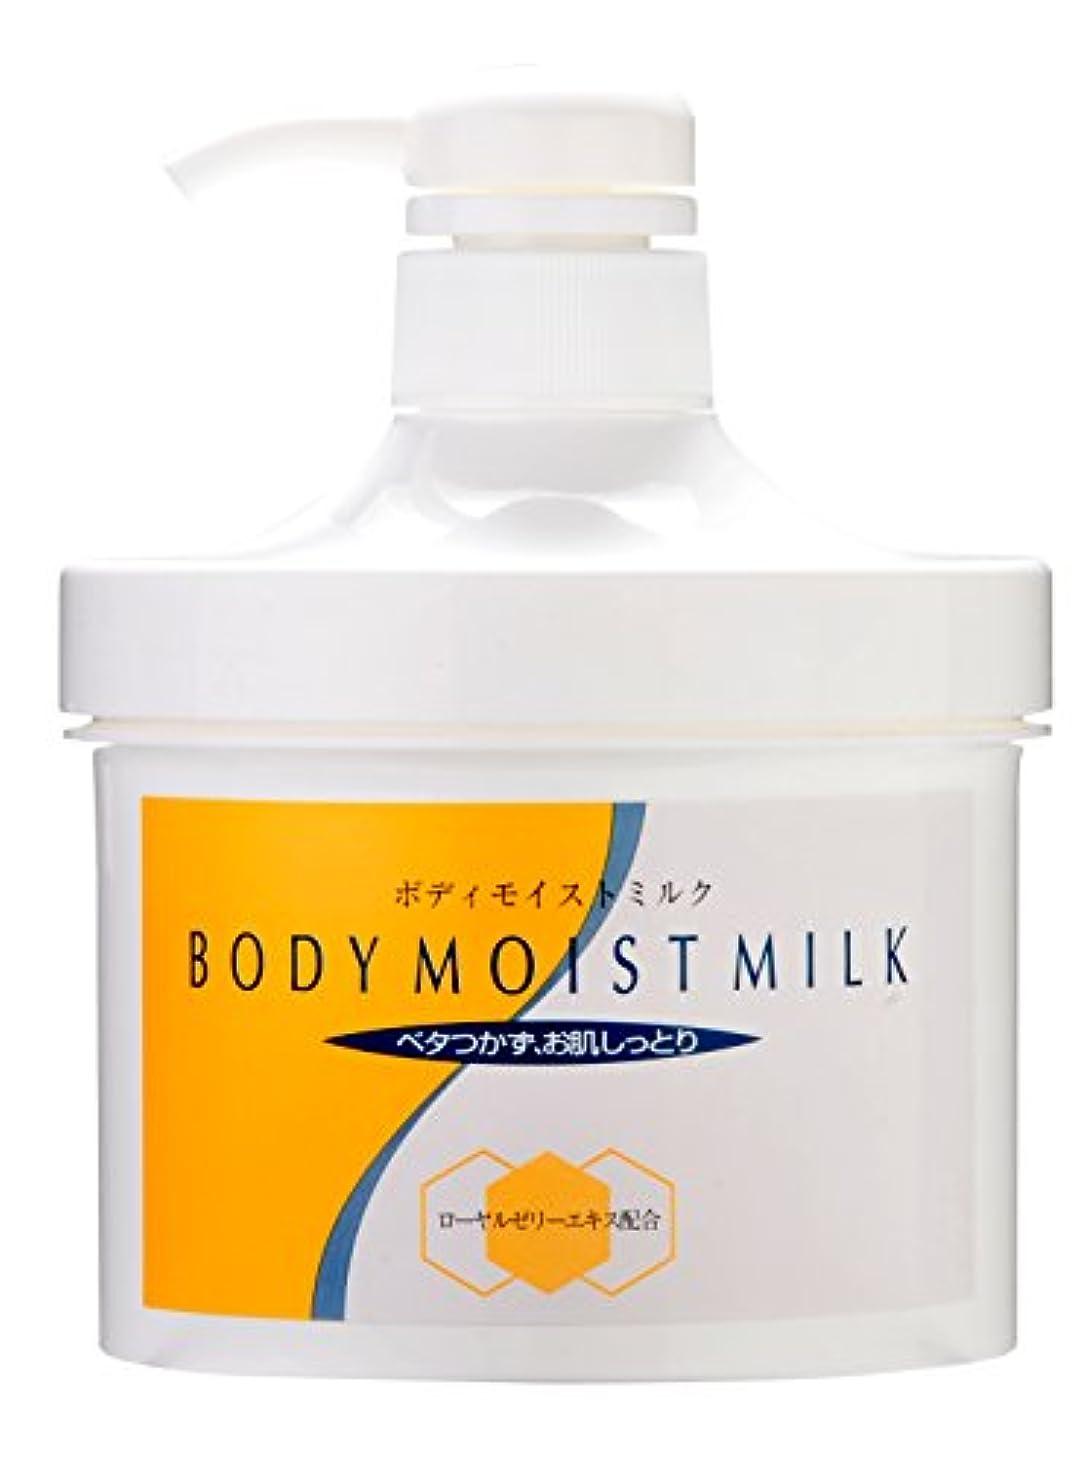 徹底的に褒賞ハム◆ボディモイストミルク(ボデイクリーム) 全身保湿乳液 無香料